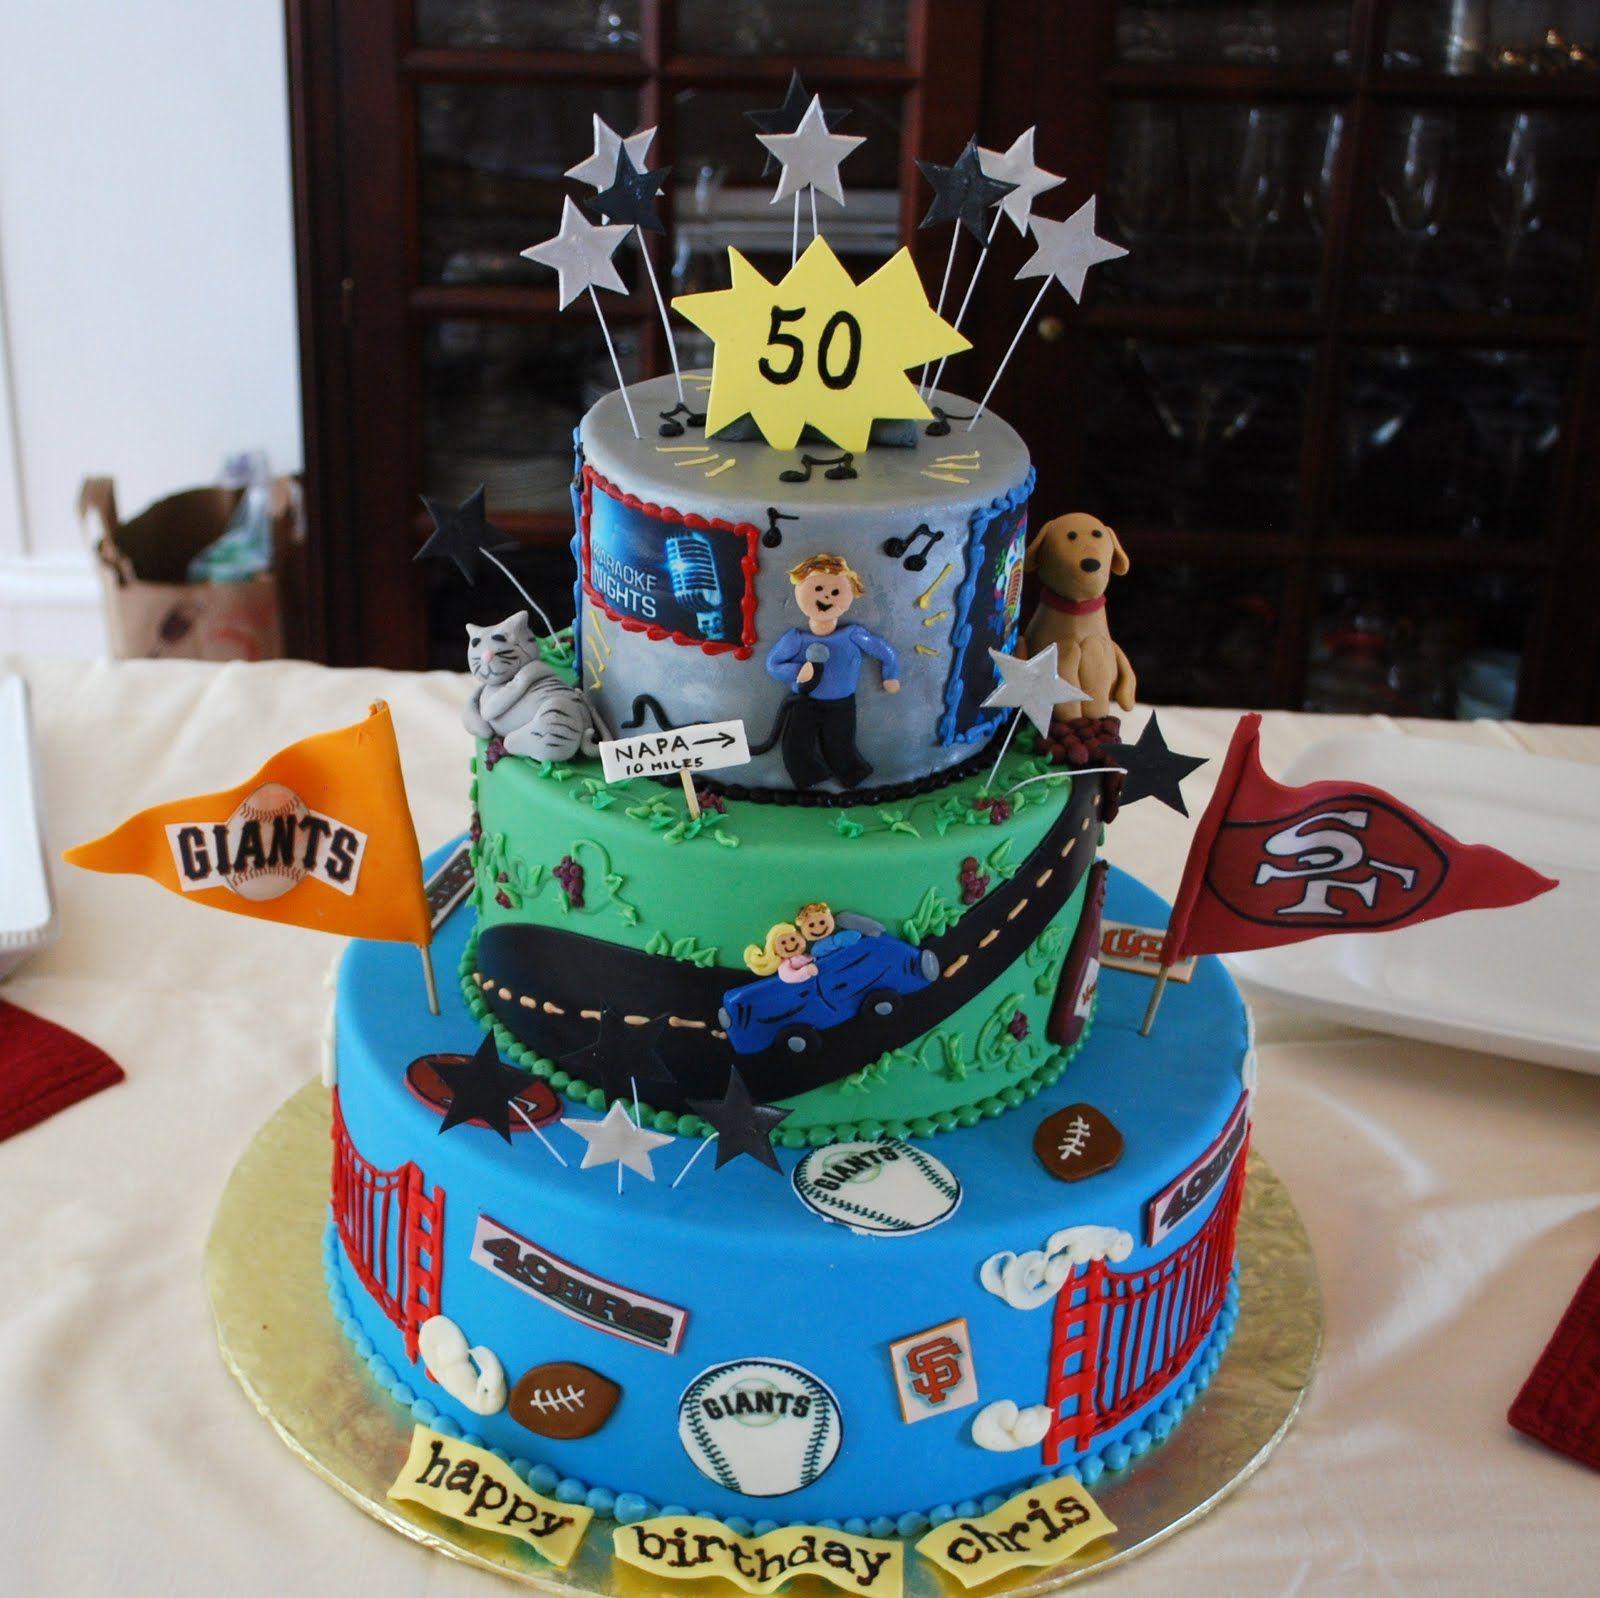 50thbdayjpg 16001598 pixels 50th birthday cake